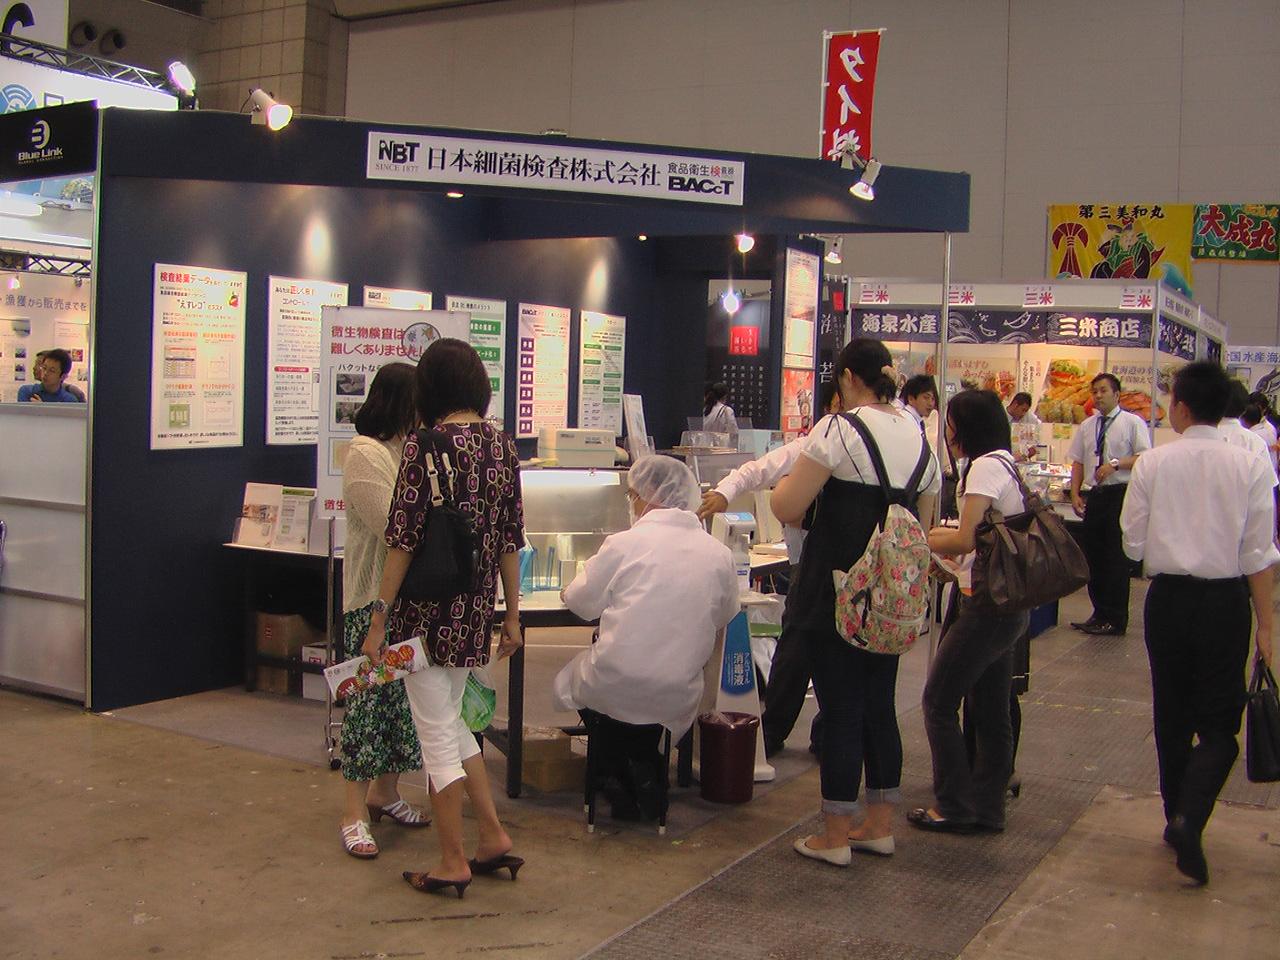 第12回ジャパン・インターナショナル・シーフードショー/The 12th Japan International Seafood & Technology Expo